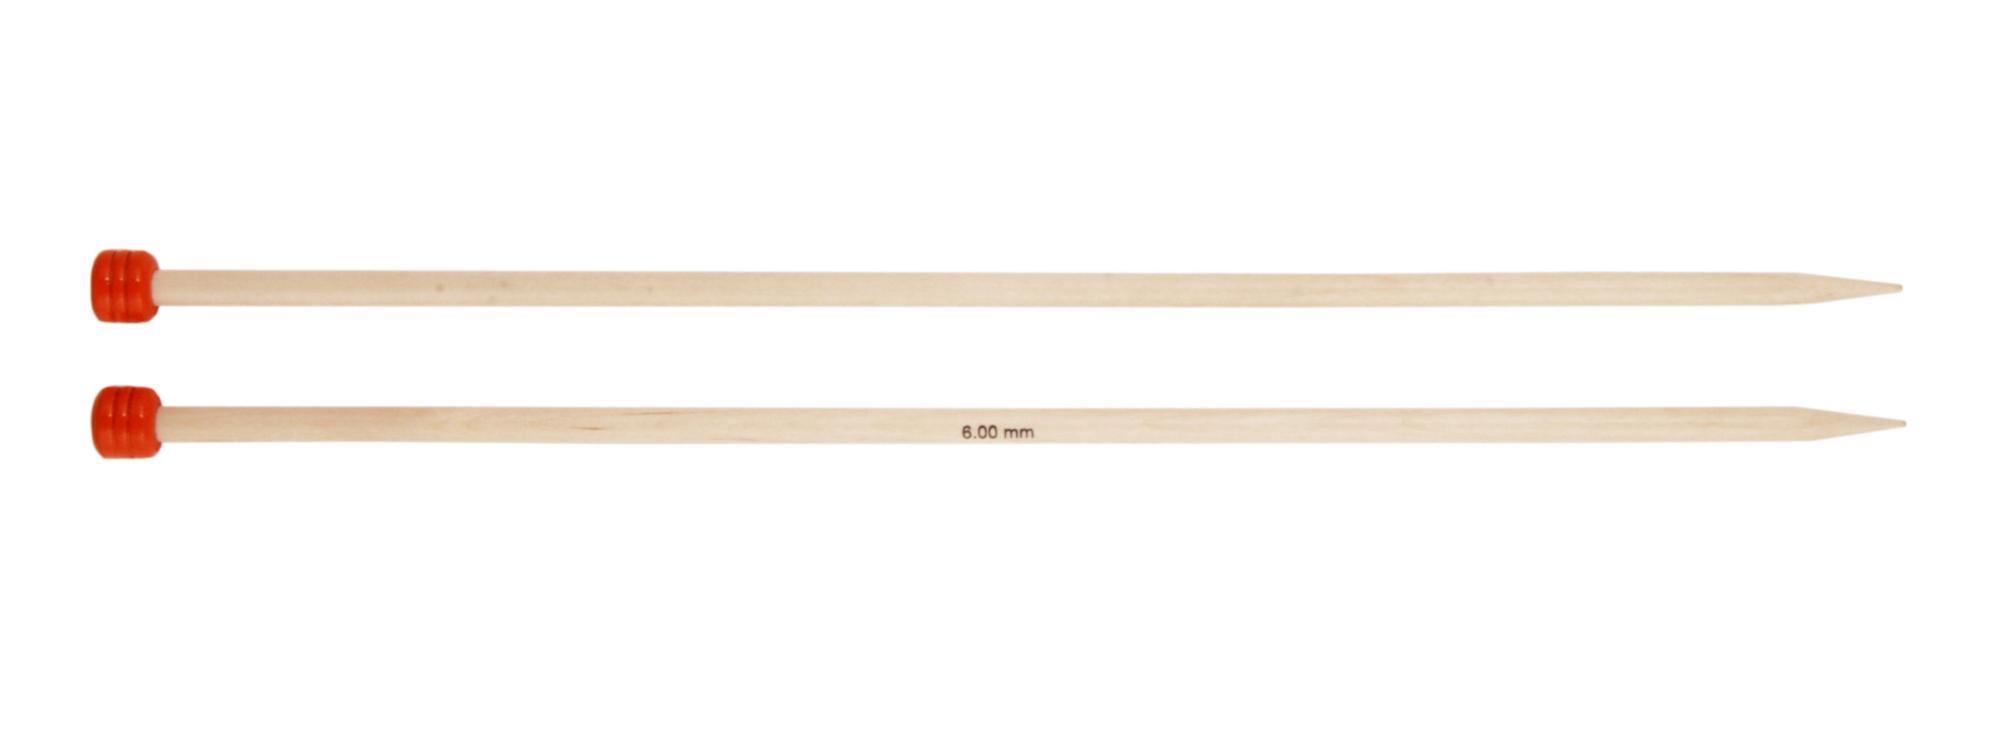 Спицы прямые 35 см Basix Birch Wood KnitPro, 35263, 6.50 мм